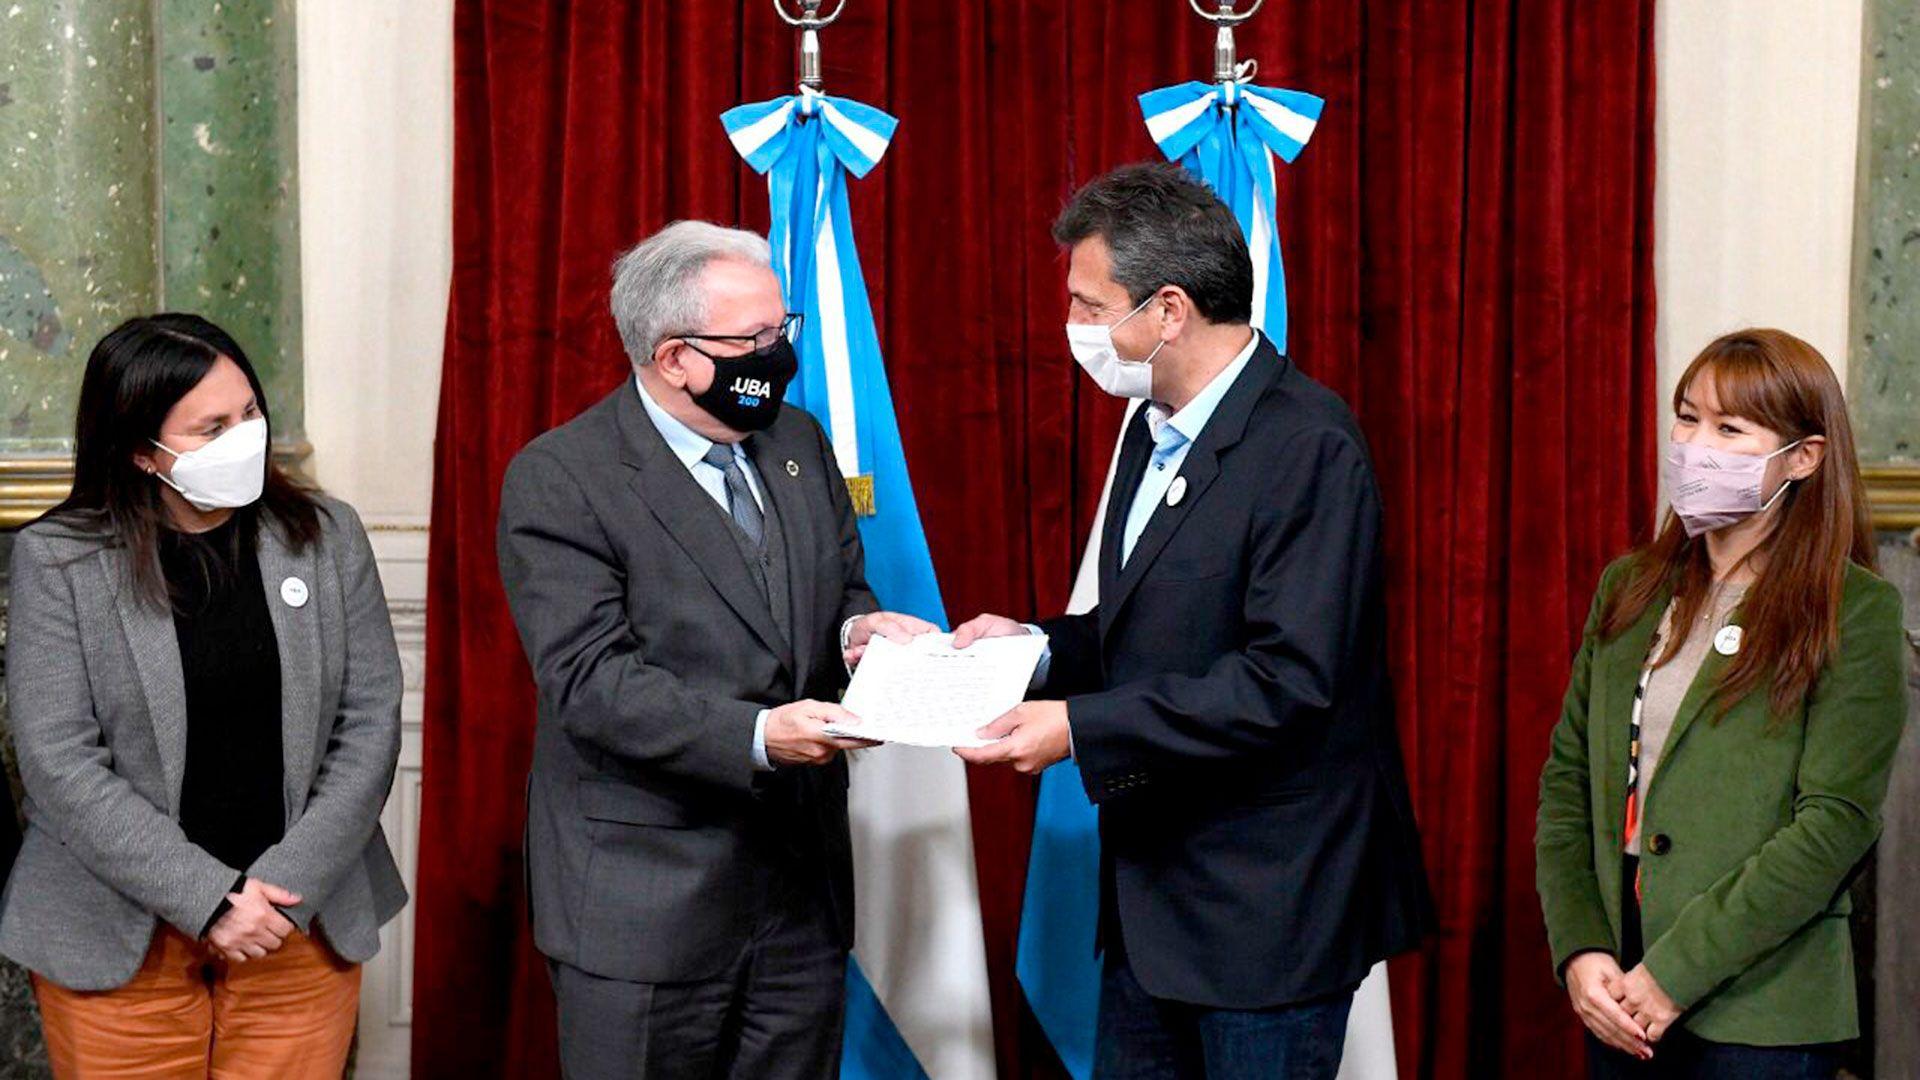 Sergio-Massa-el-congreso-impulsa-la-renovacion-total-del-hospital-de-clinicas